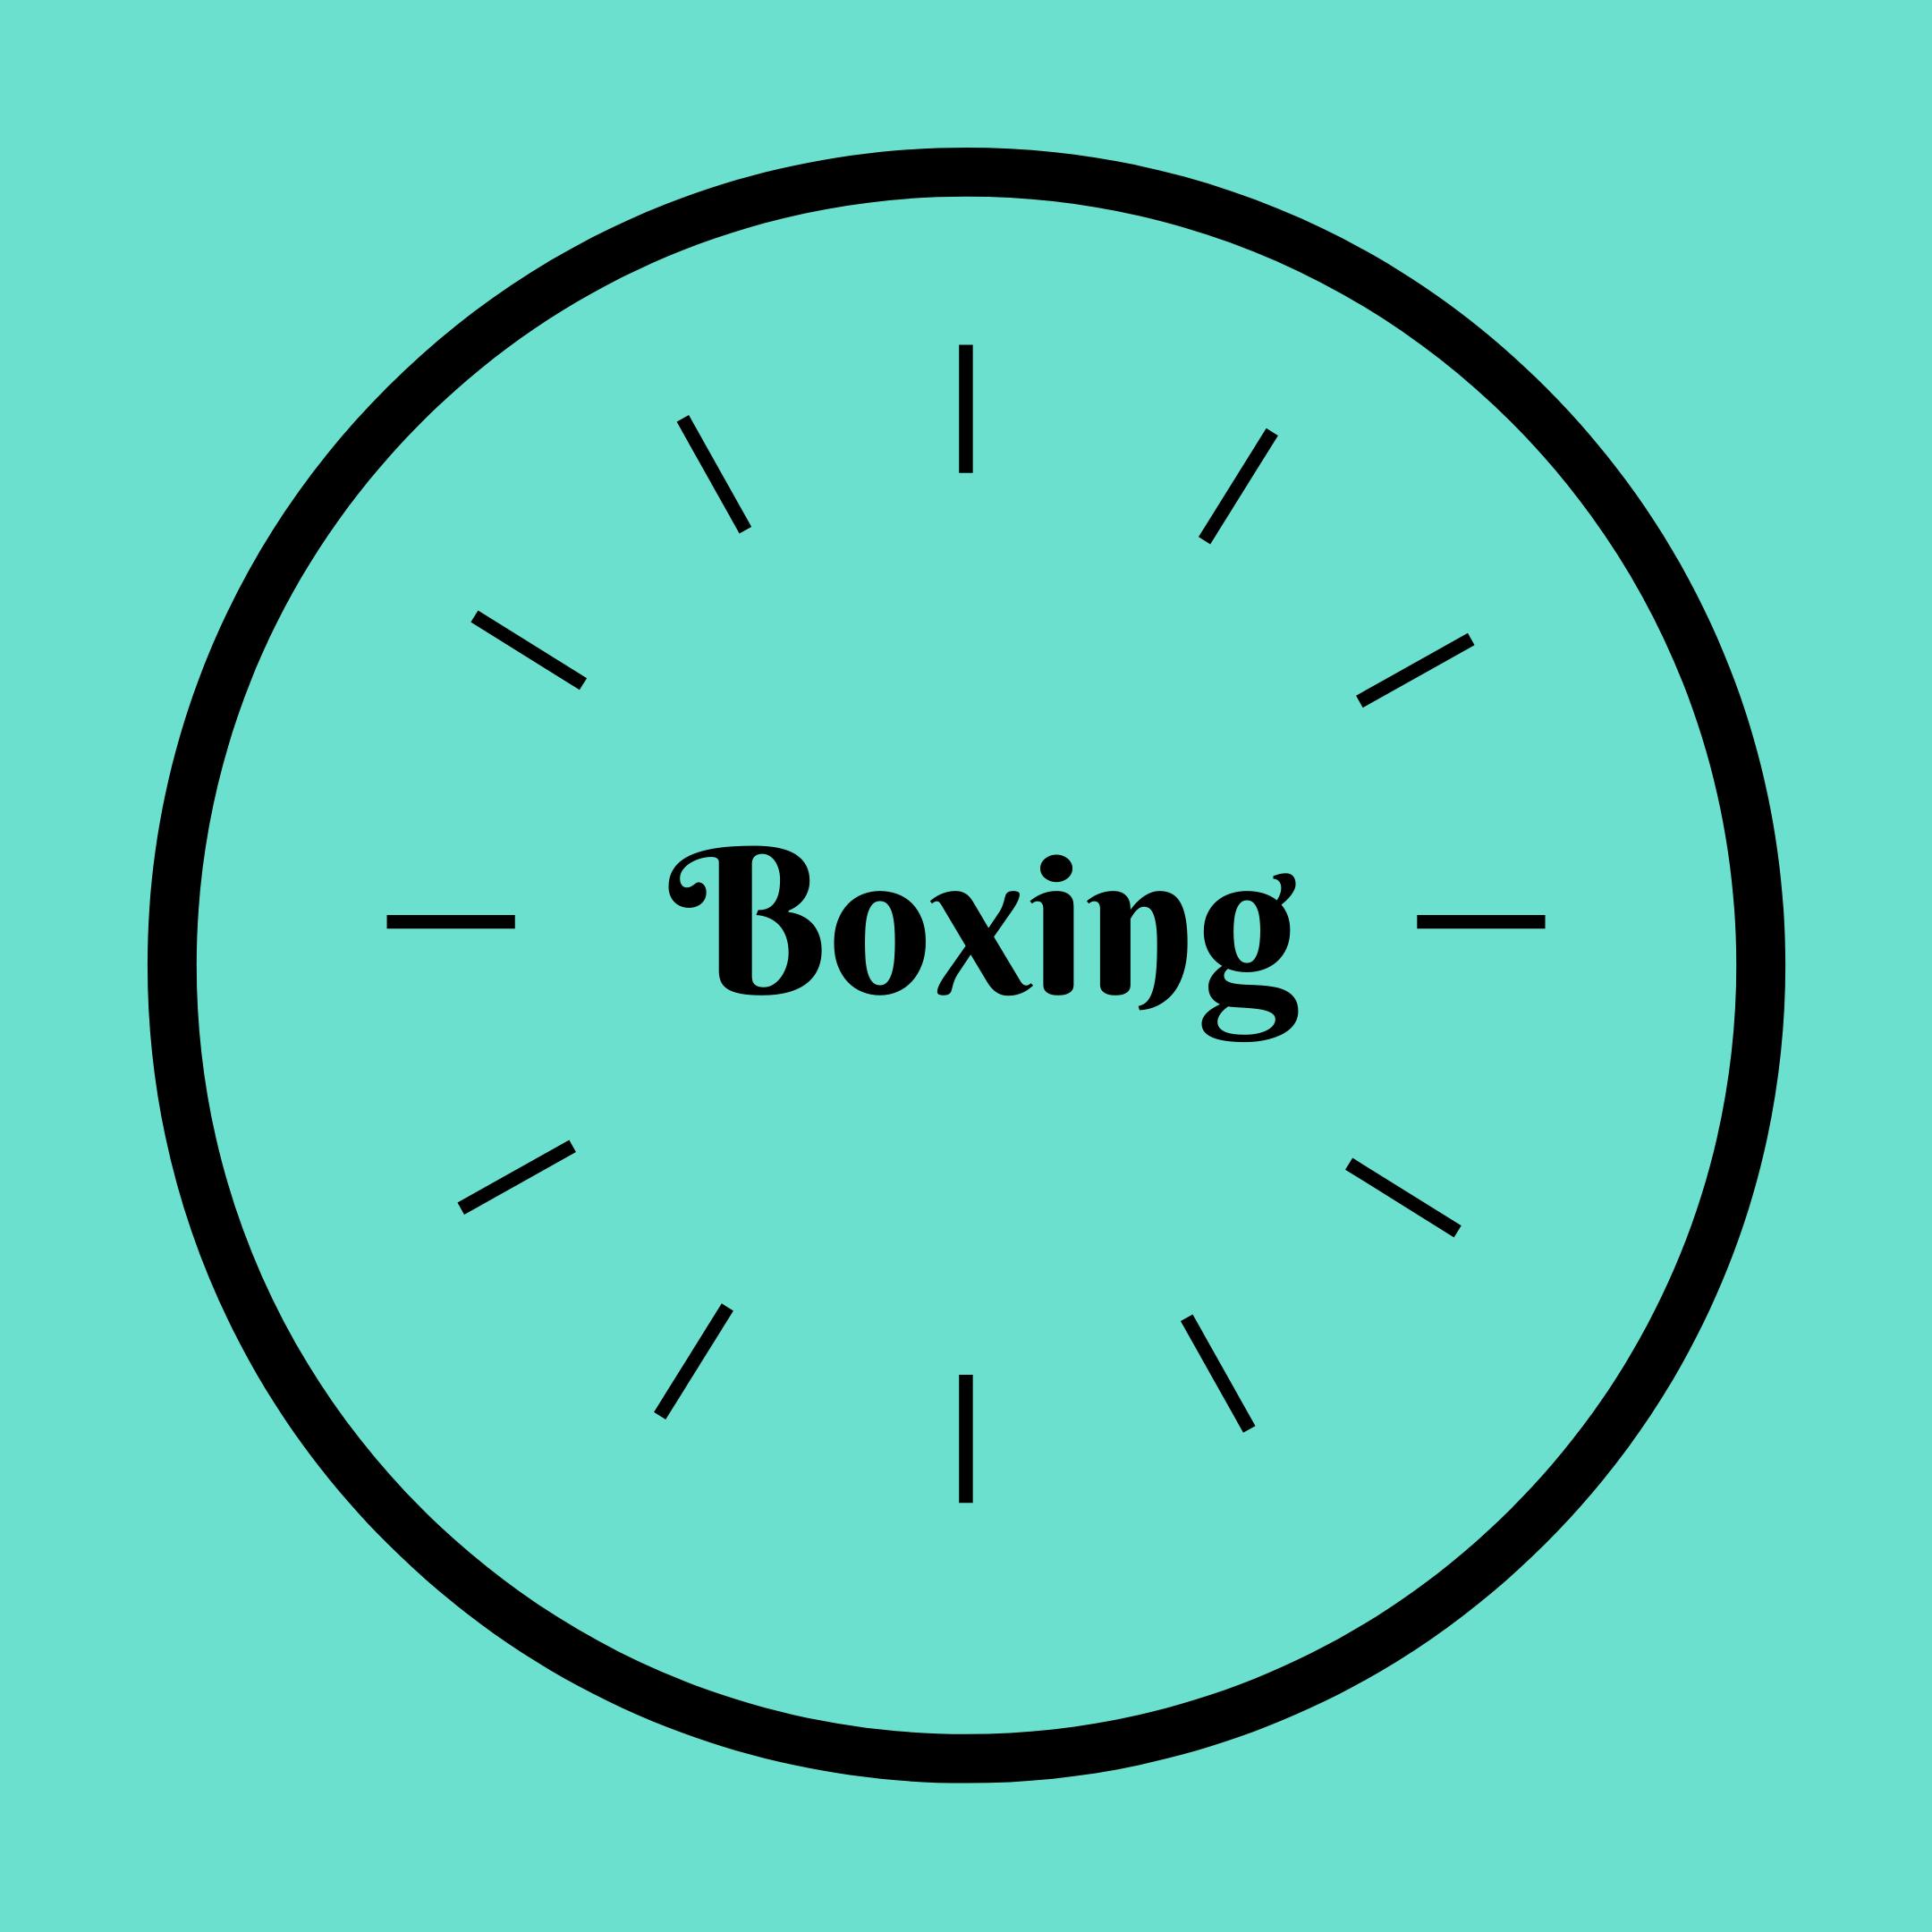 Boxing 5pm